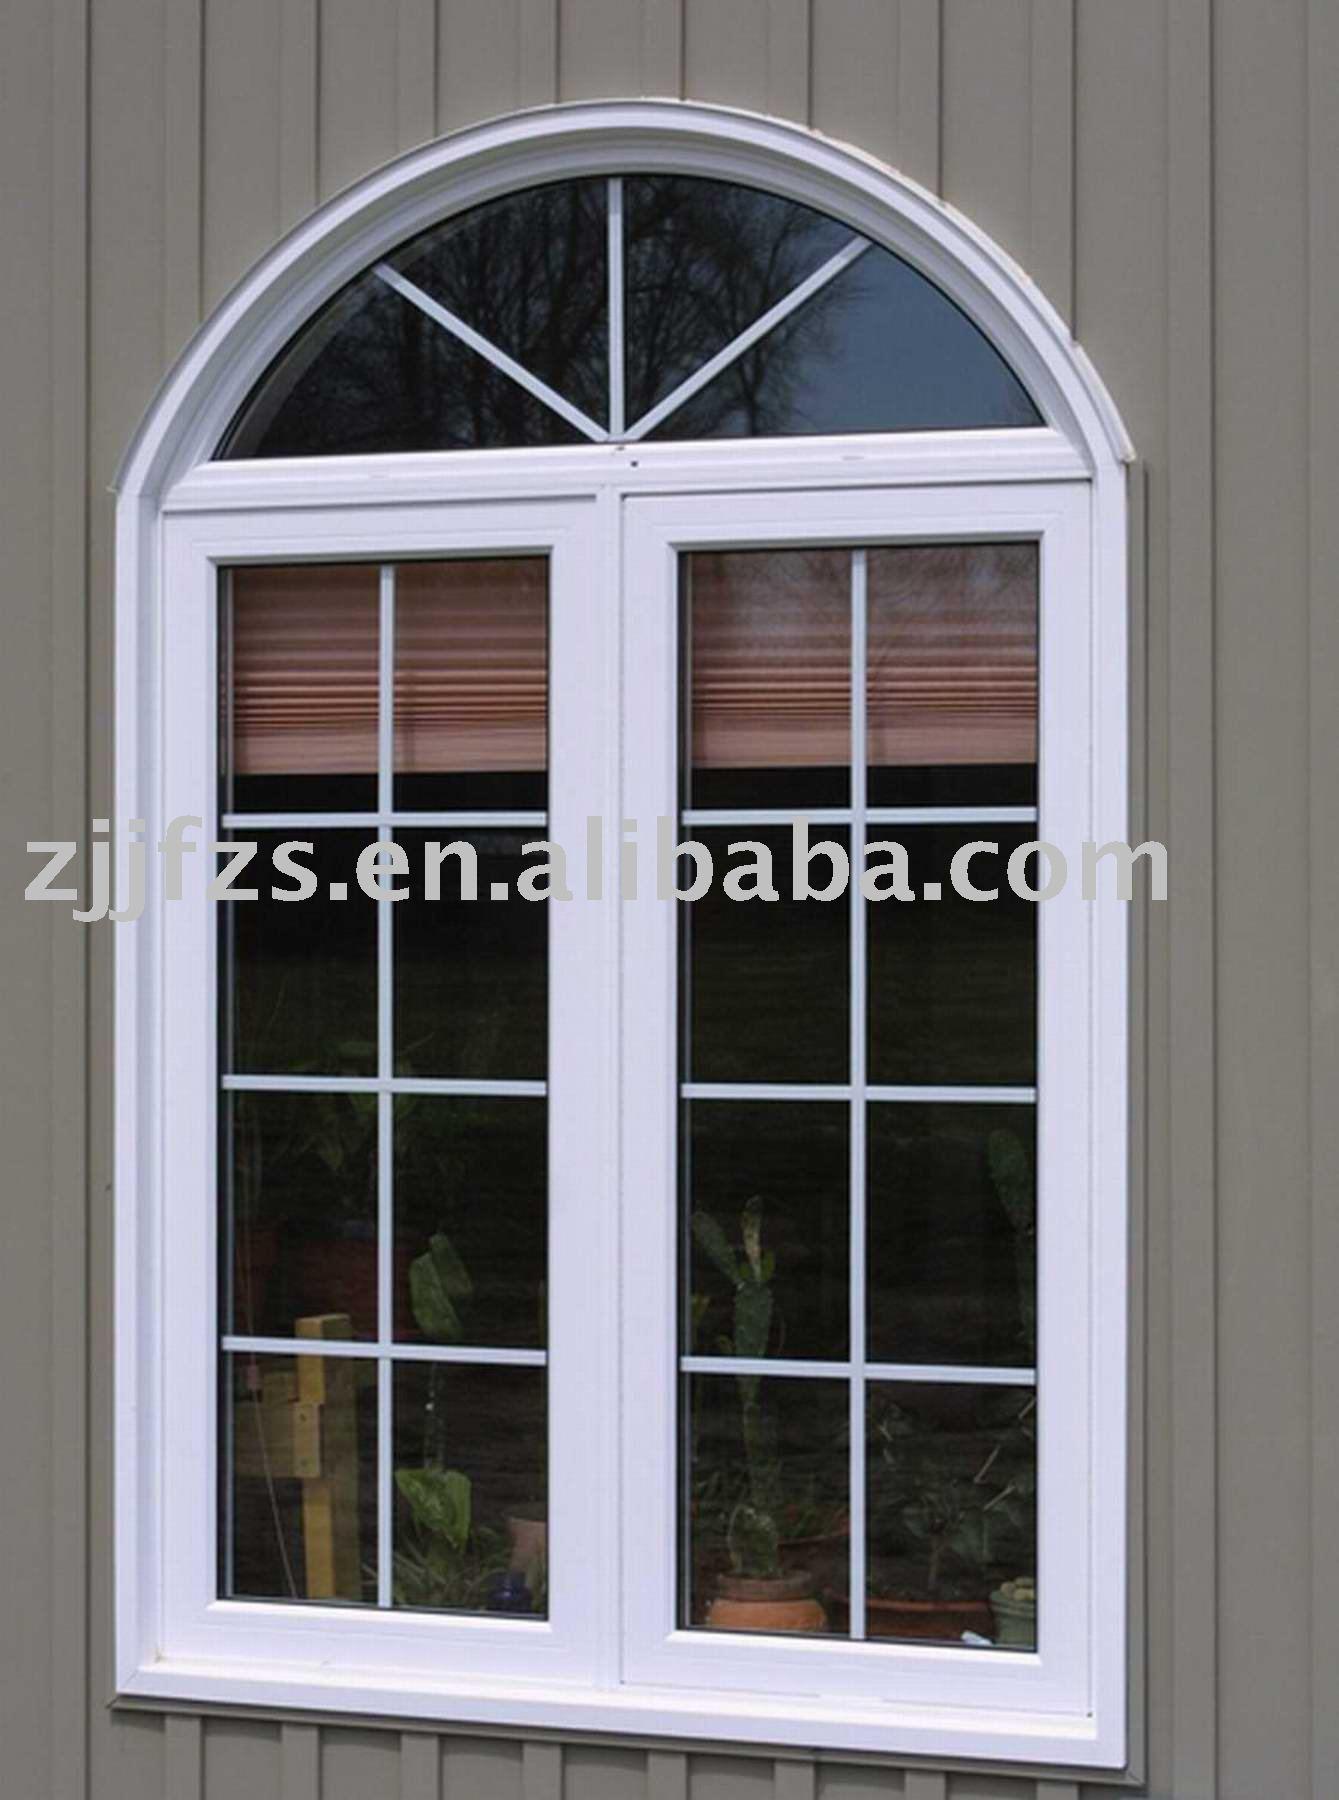 #4C4F7F  janela do pvc arch para caixilhos de janelas de PVC Janelas ID do 674 Janelas Pvc Qualidade